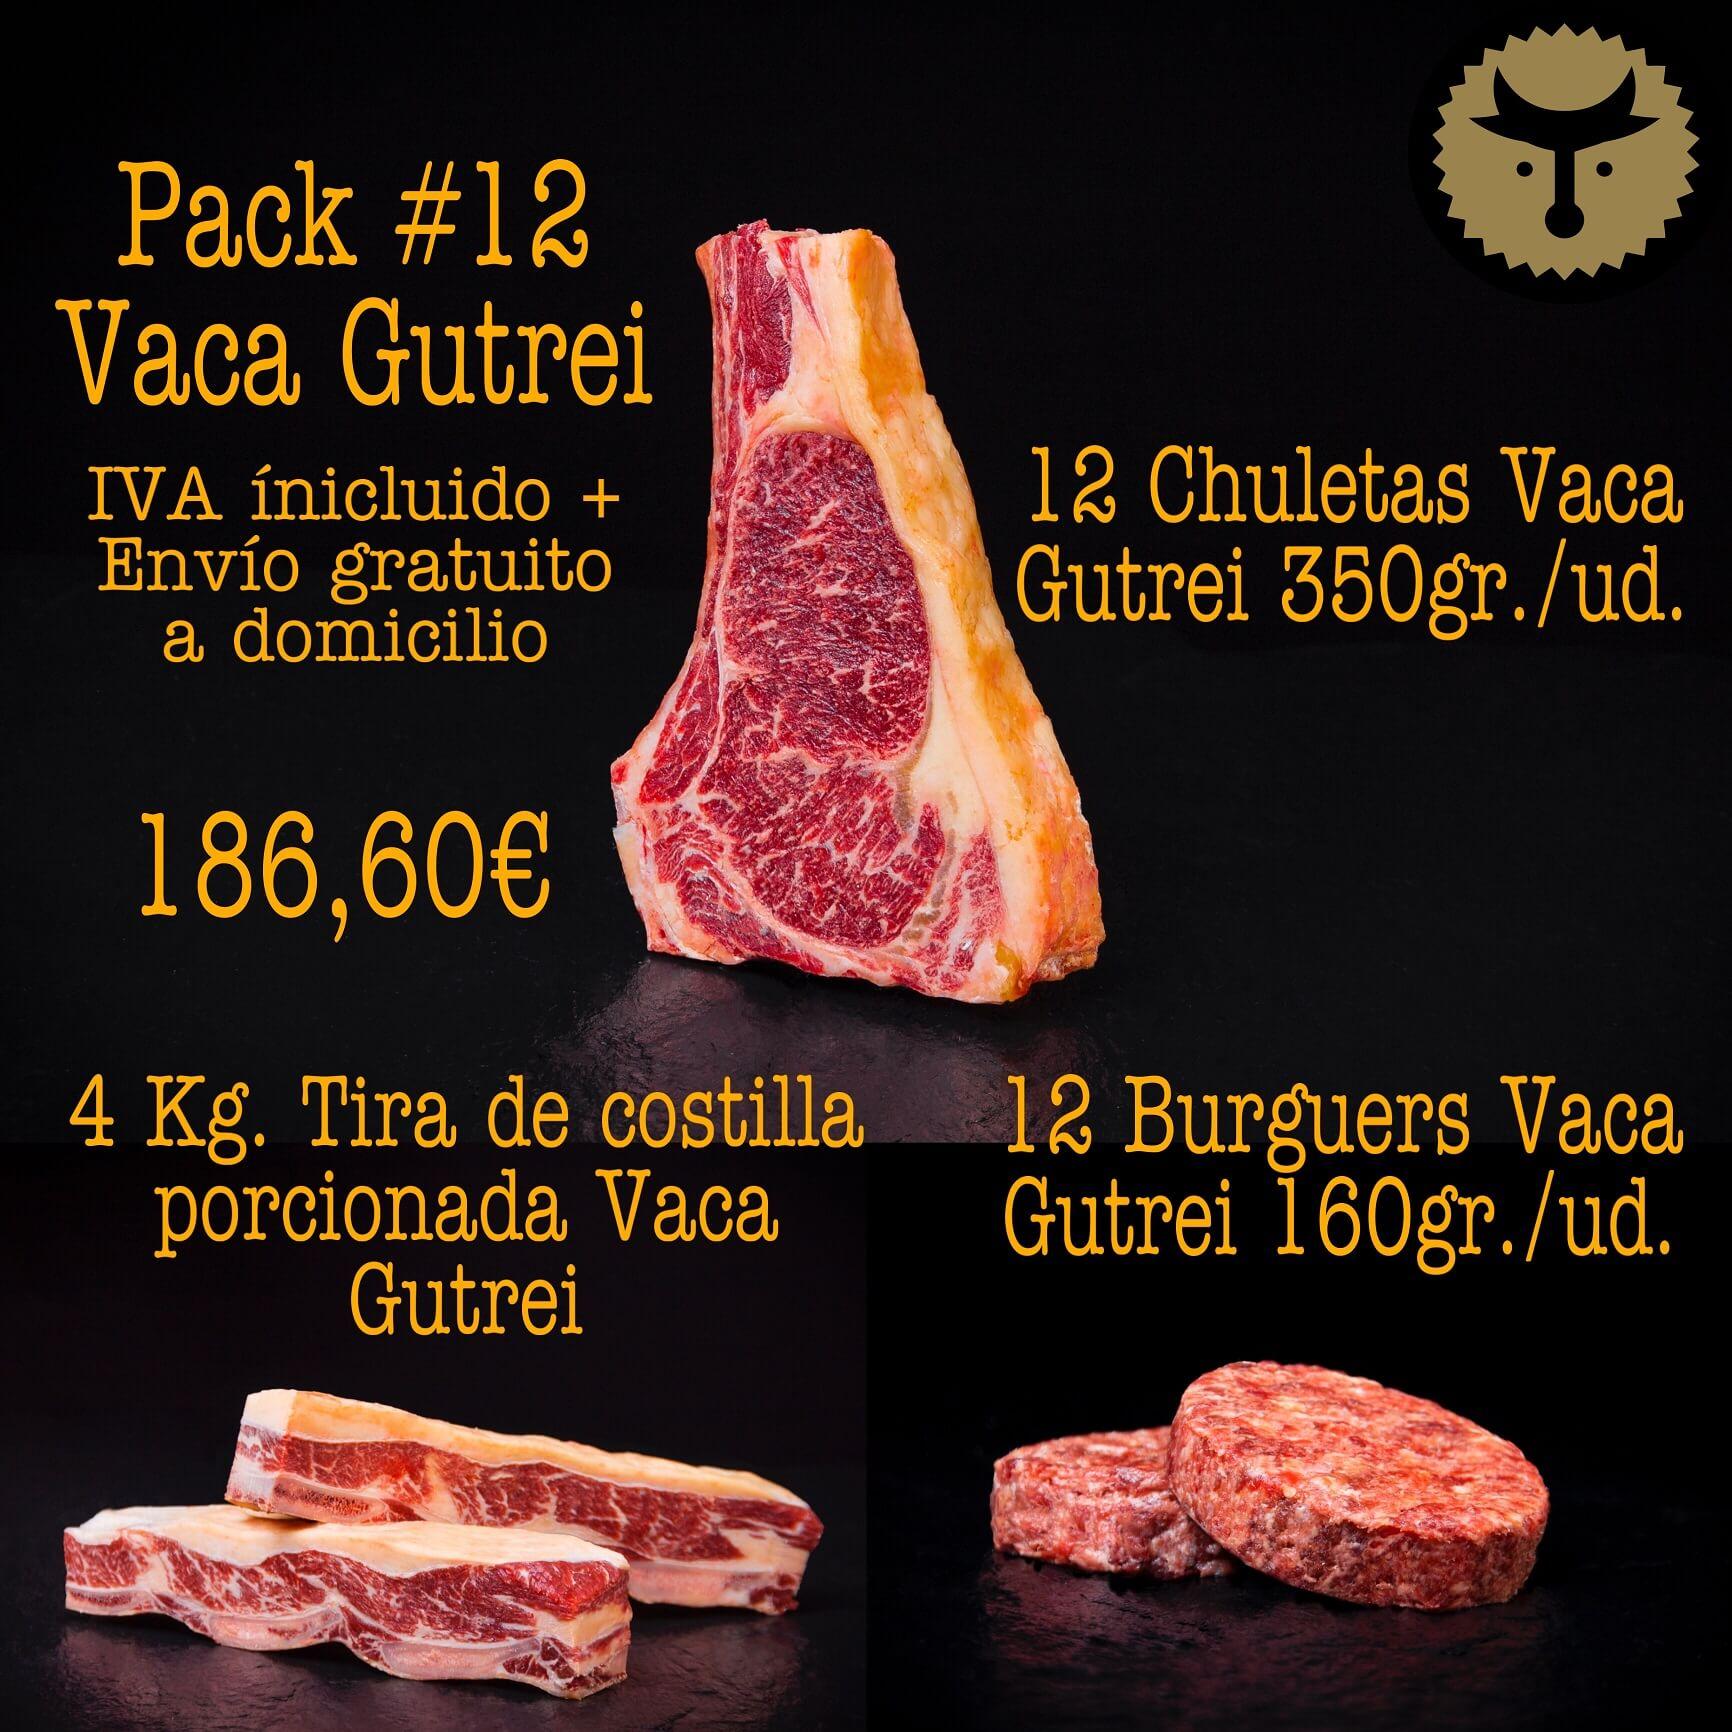 Pack 12 Parrilla Vaca GUTREI